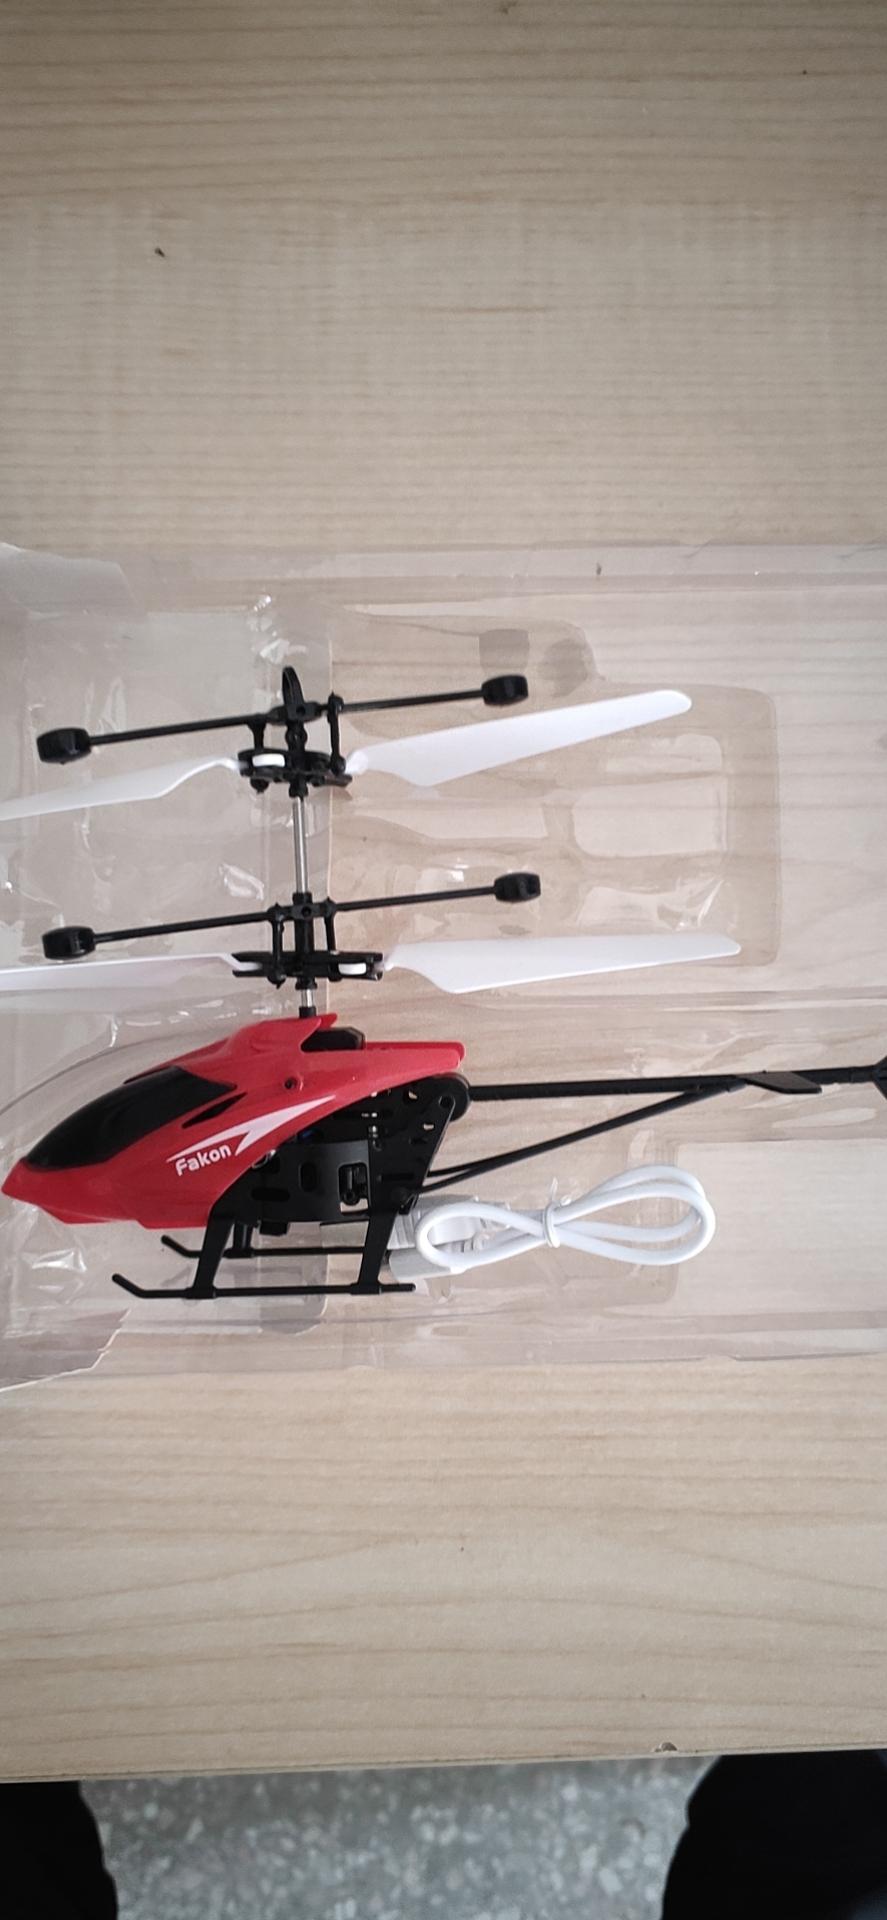 感应飞行器玩具可充电耐摔无人机